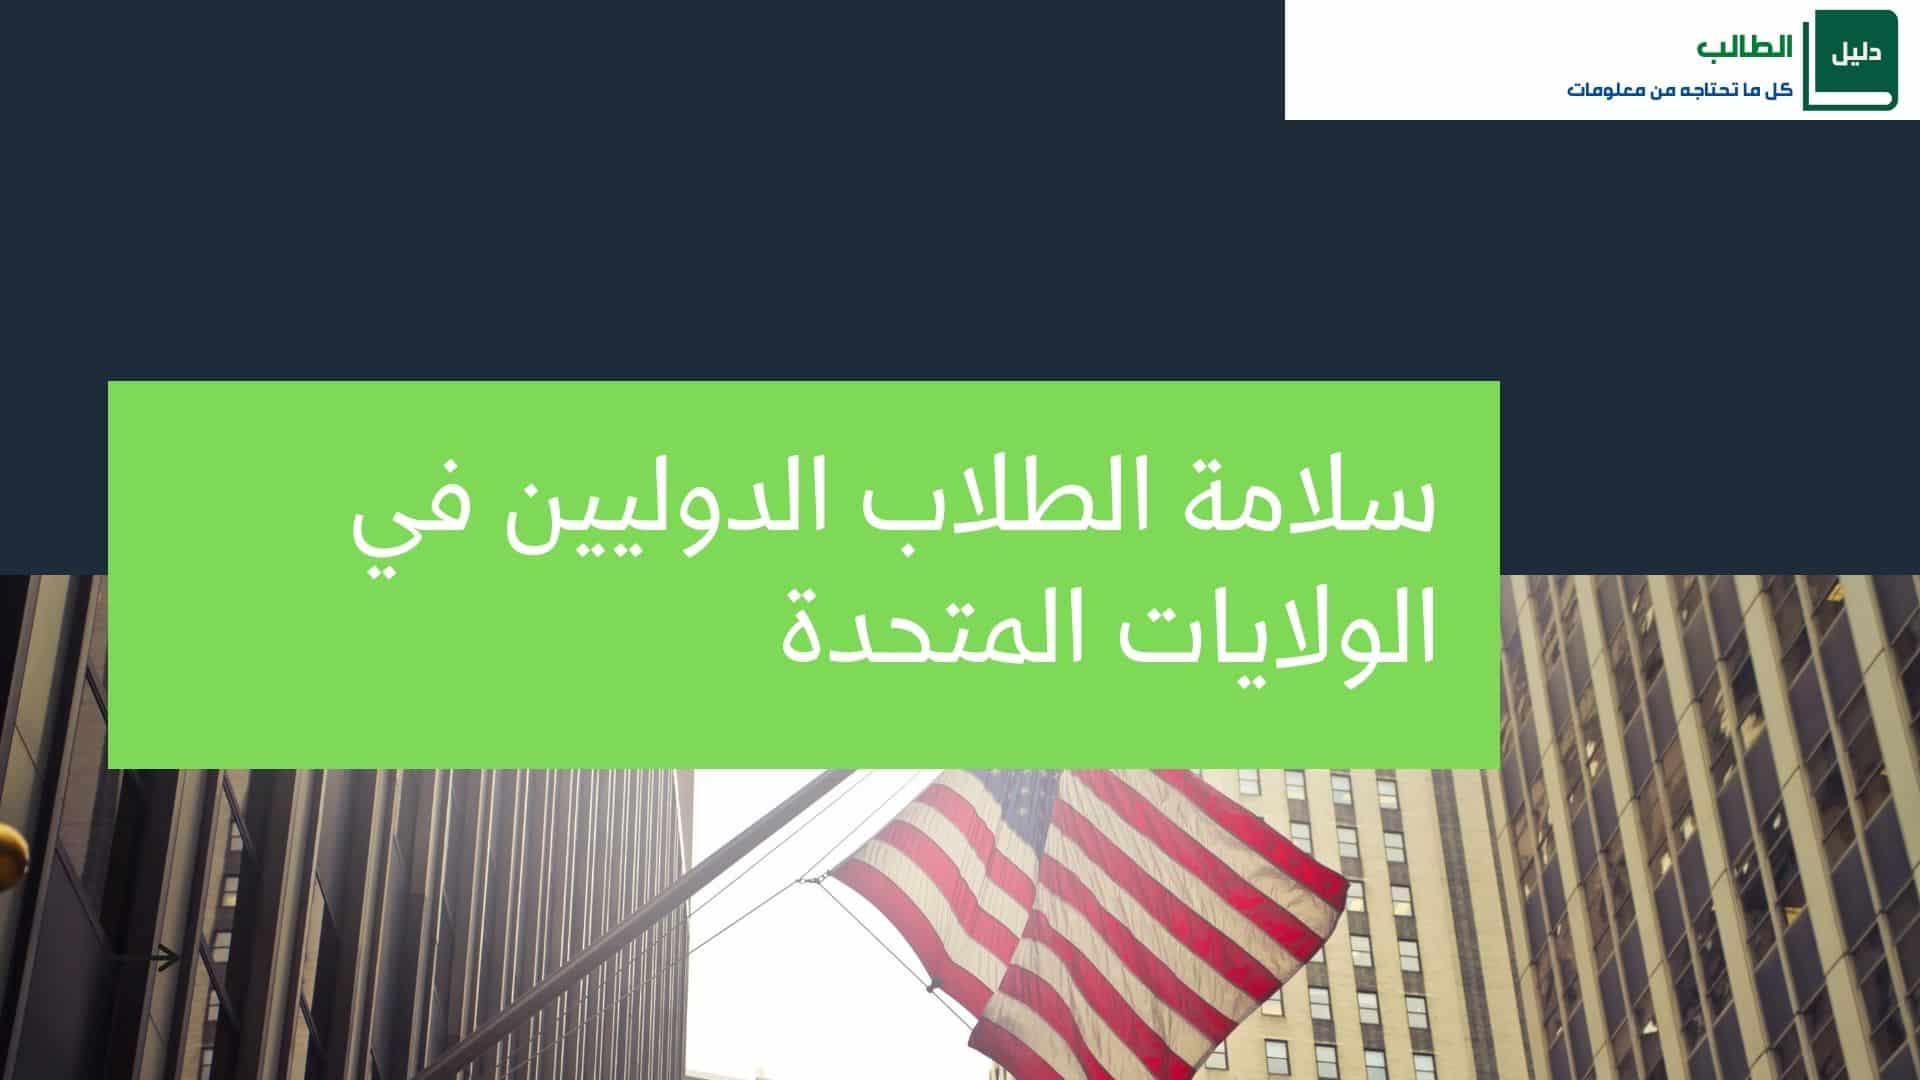 هل الإقامة في الولايات المتحدة آمنة للطلاب؟